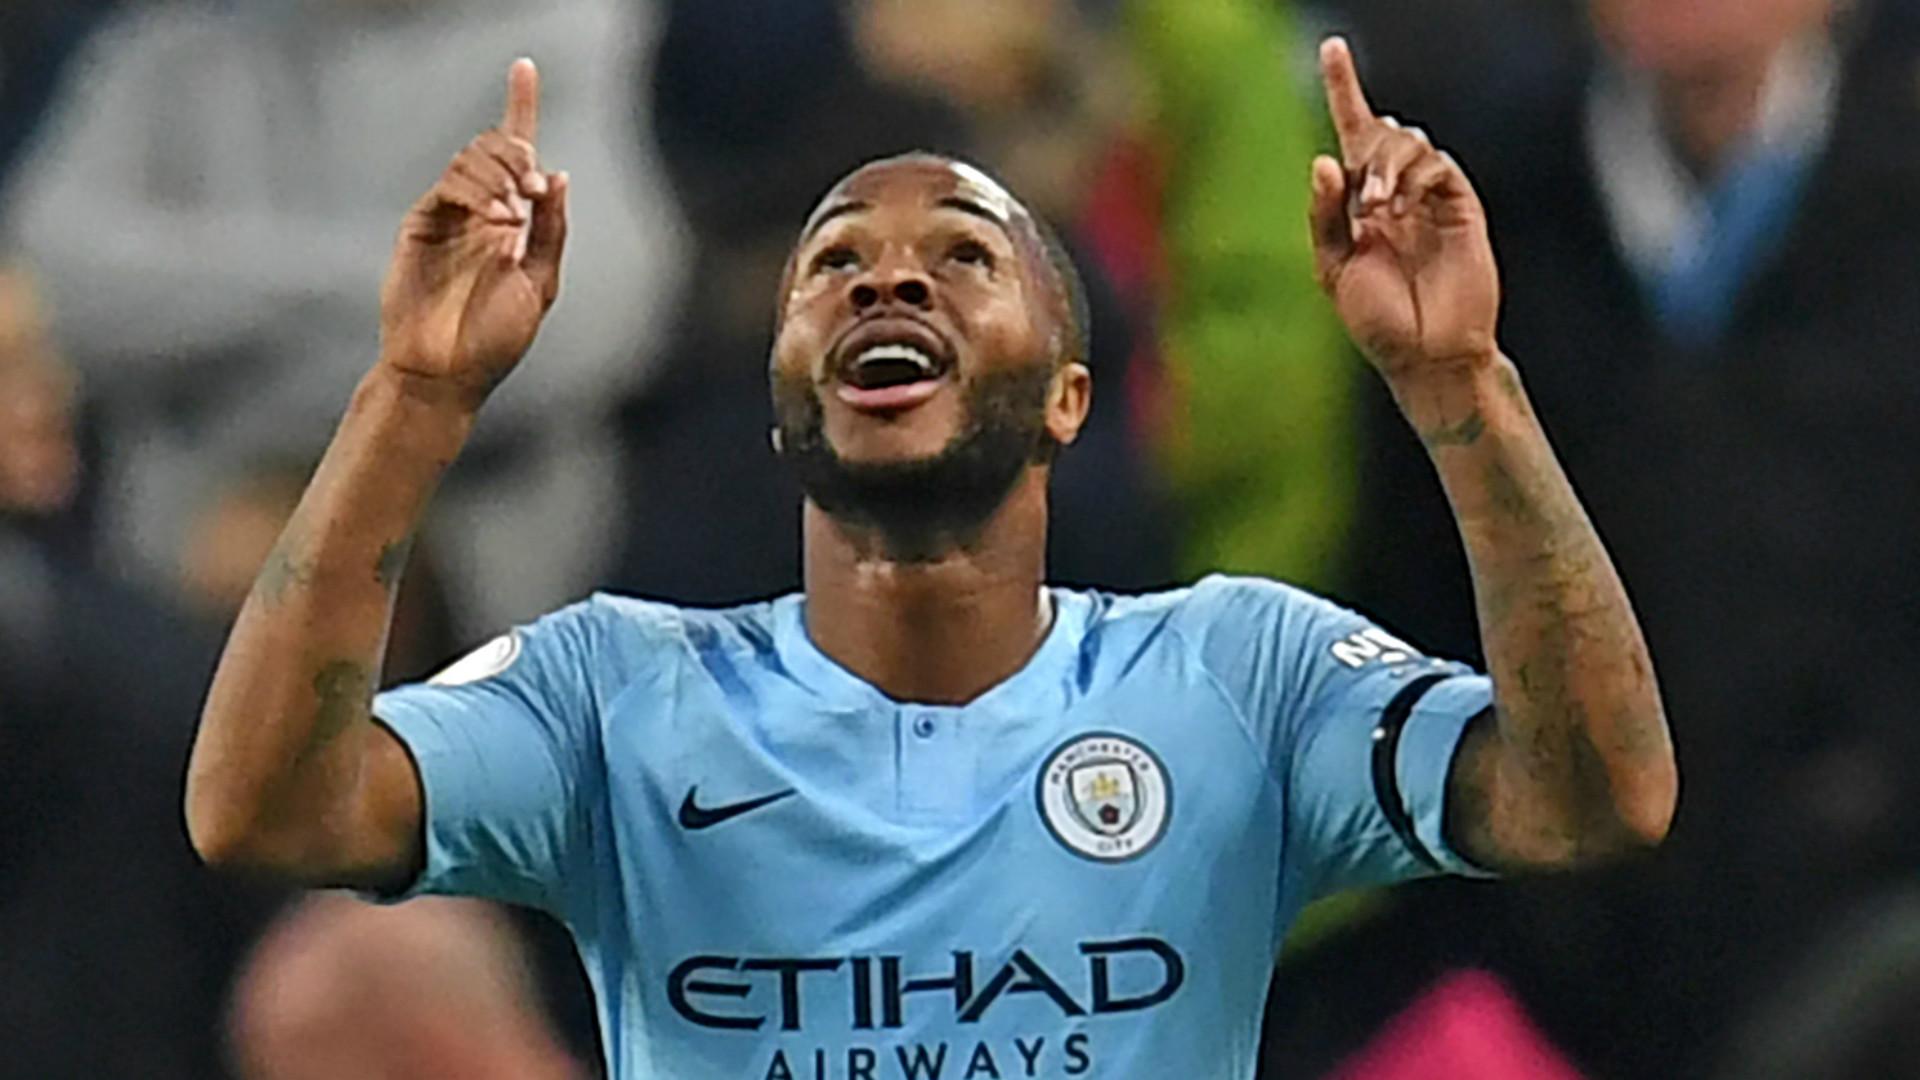 RESMI: Raheem Sterling Teken Kontrak Baru Di Manchester City | Goal.com